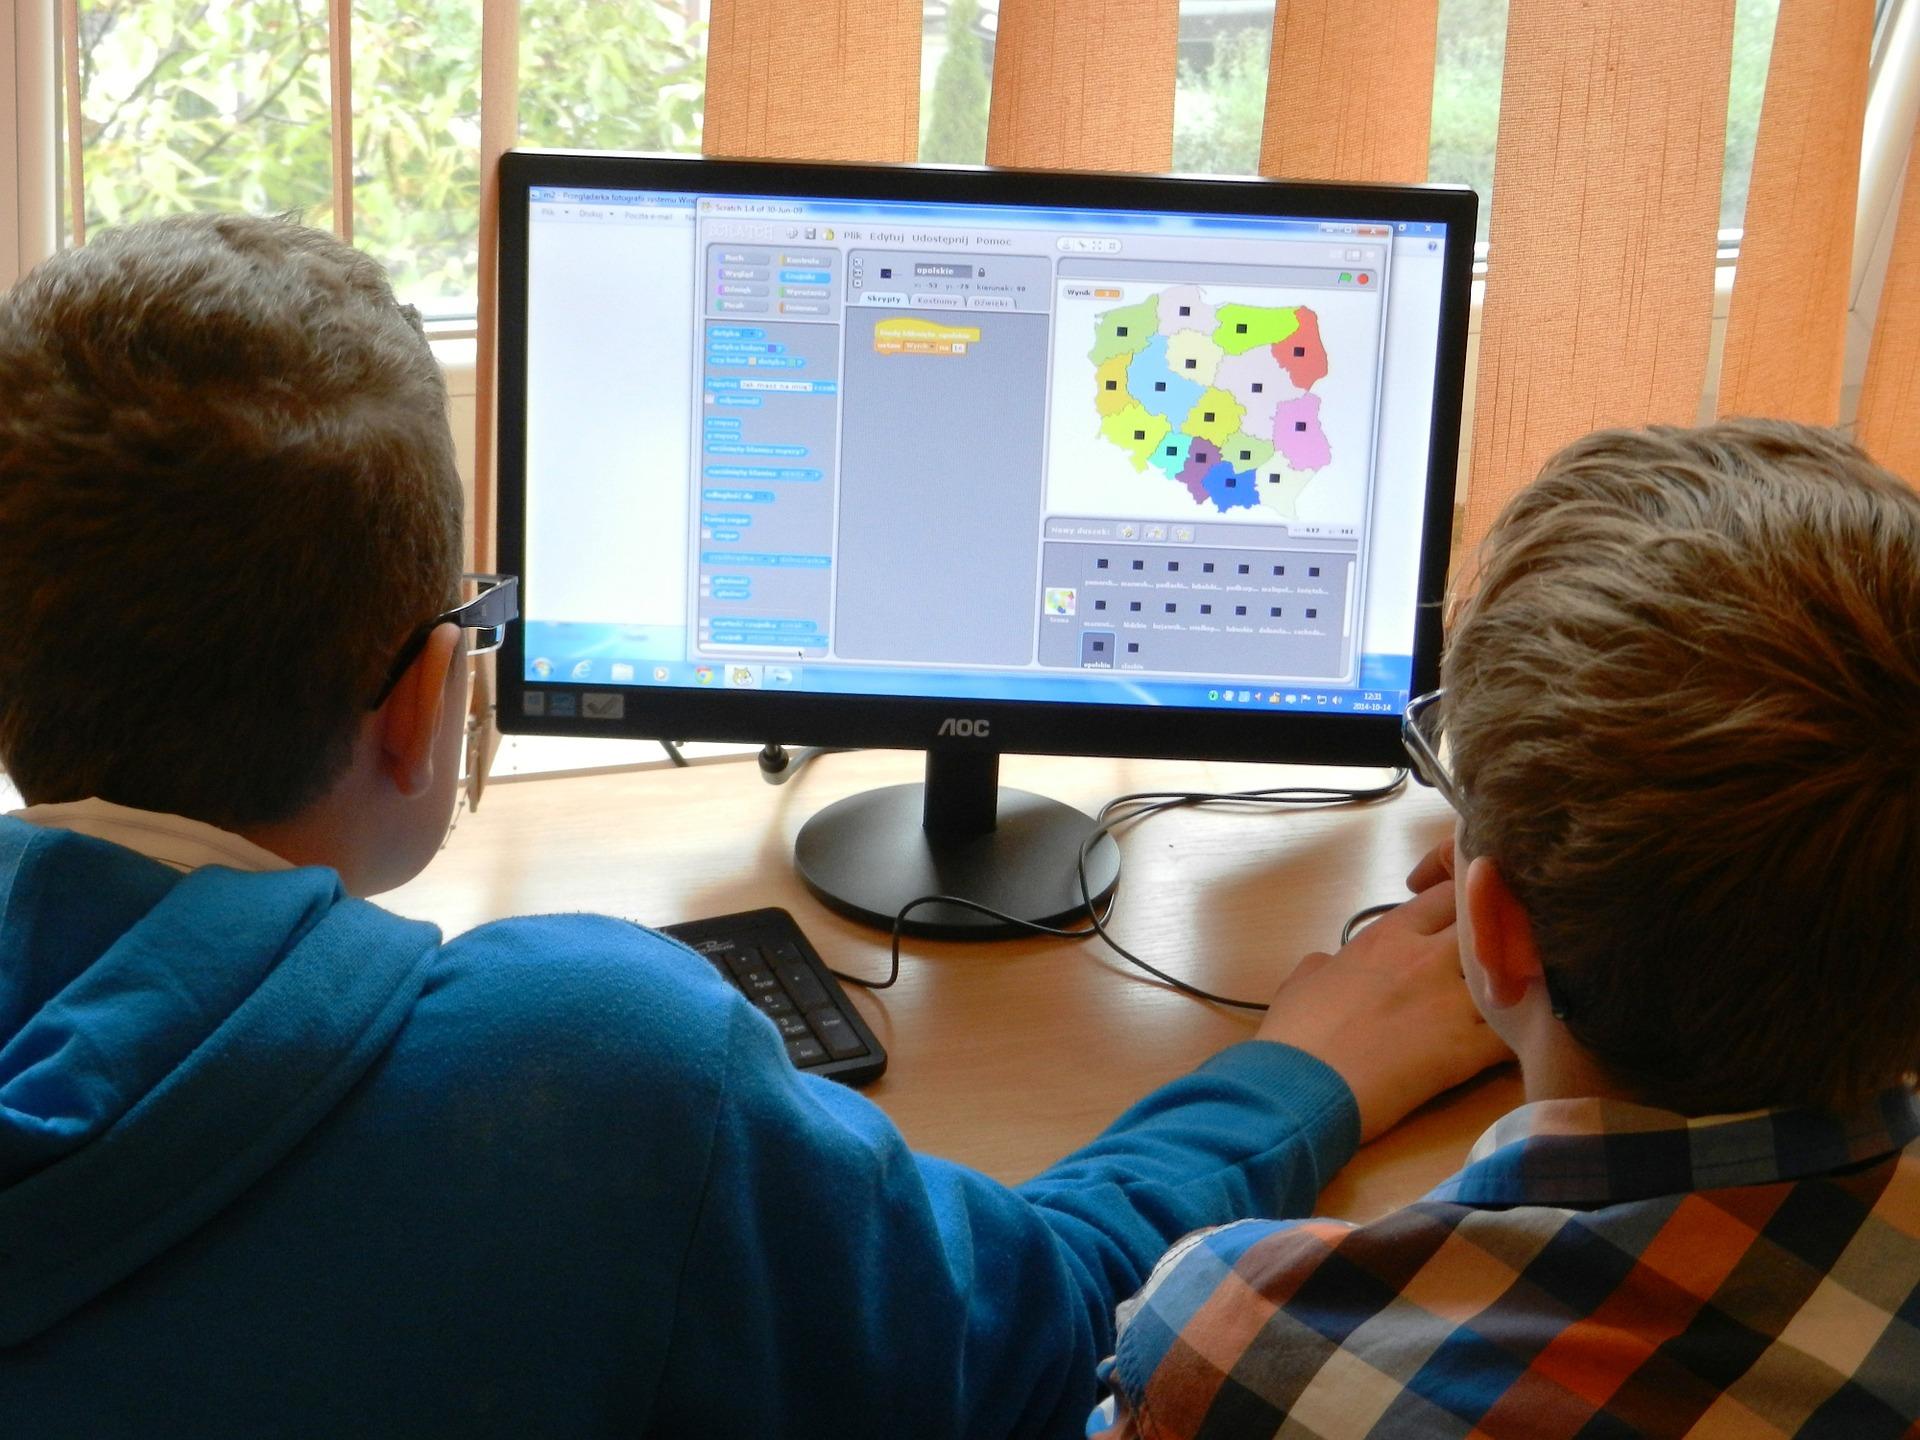 子供たちが楽しくプログラミングを学んでいる画像